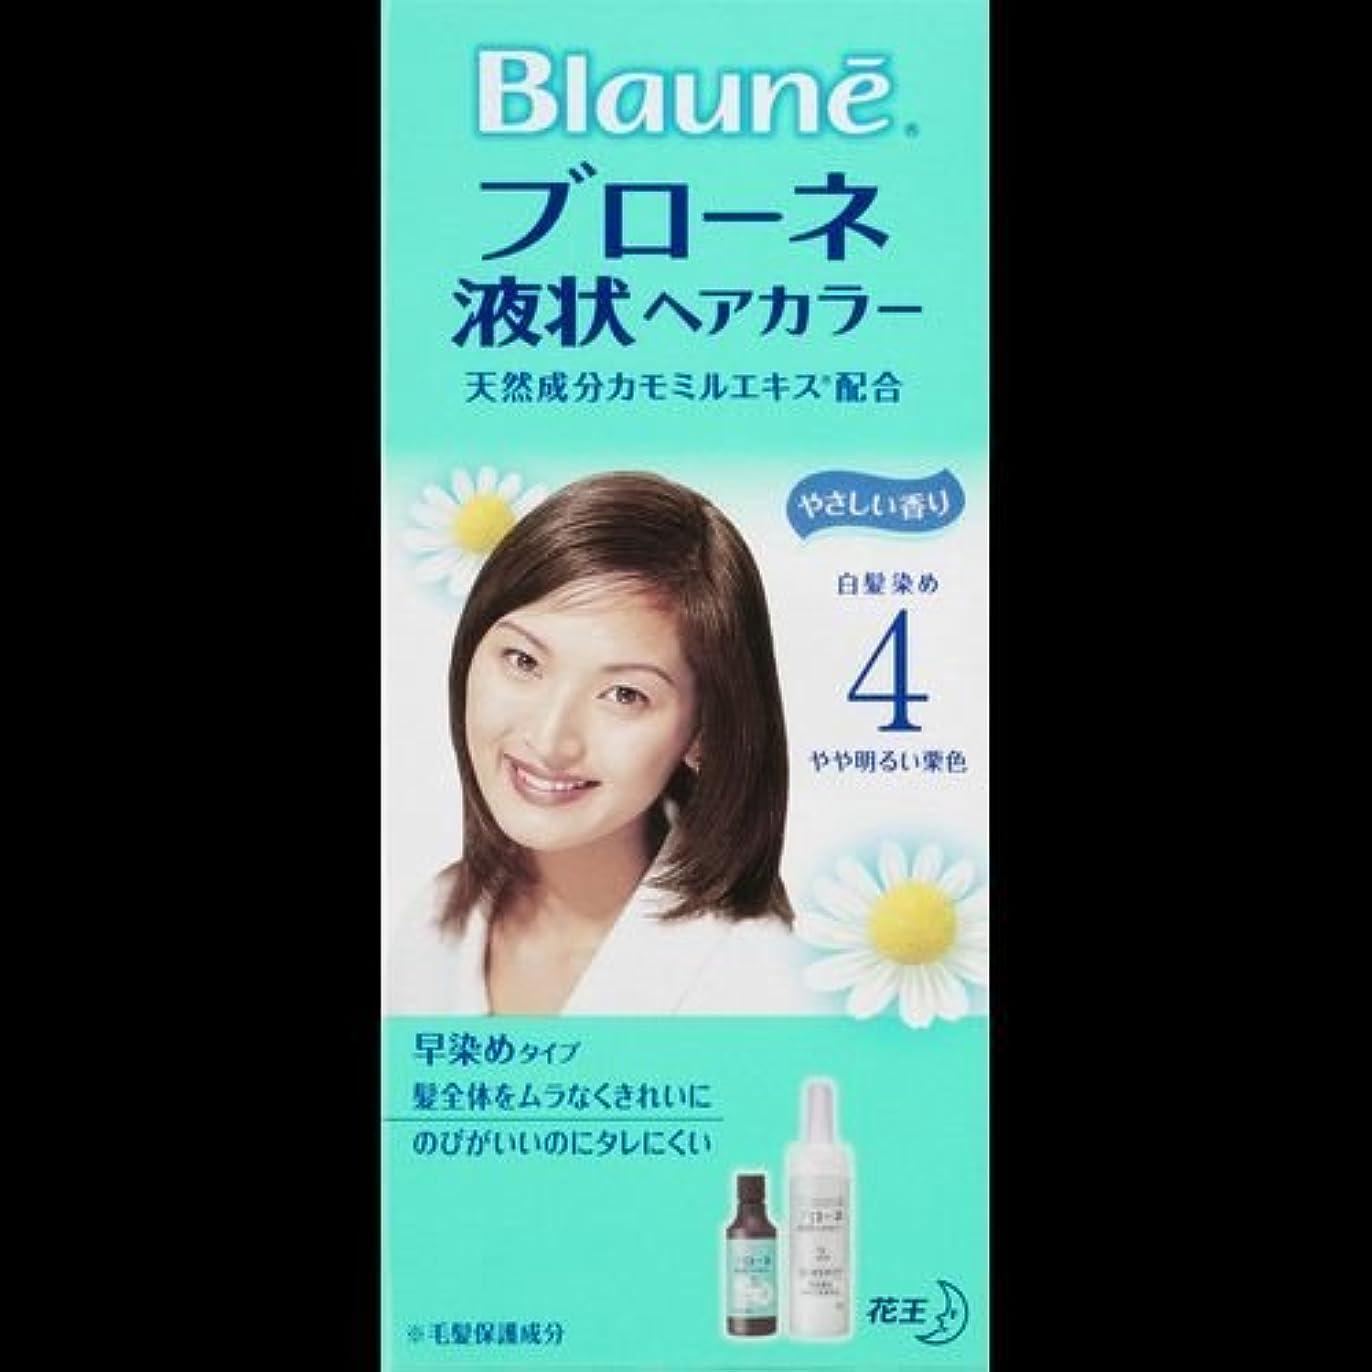 【まとめ買い】ブローネ液状ヘアカラ- 4 やや明るい栗色 ×2セット